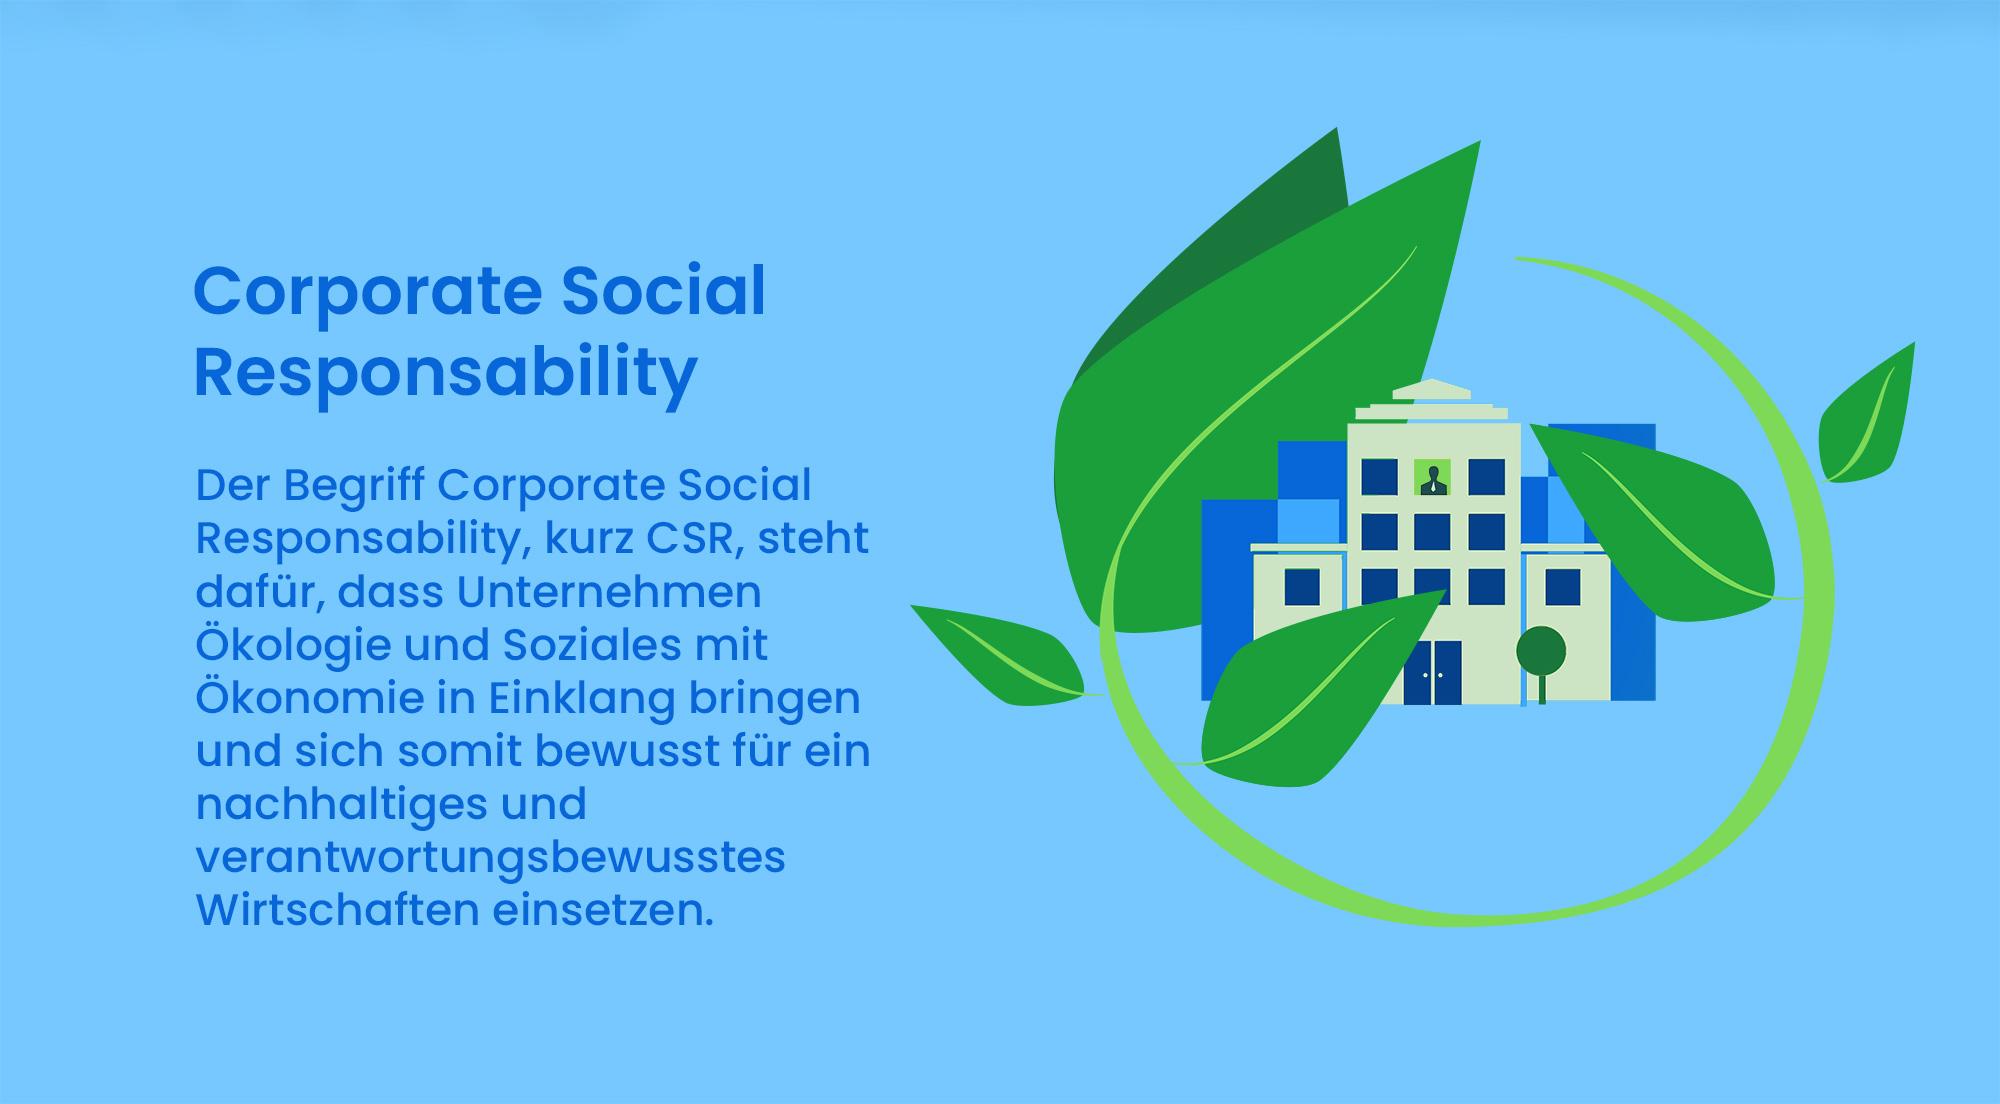 Der Begriff Corporate Social Responsability, kurz CSR, steht dafür, dass Unternehmen Ökologie und Soziales mit Ökonomie in Einklang bringen und sich somit bewusst für ein nachhaltiges und verantwortungsbewusstes Wirtschaften einsetzen.